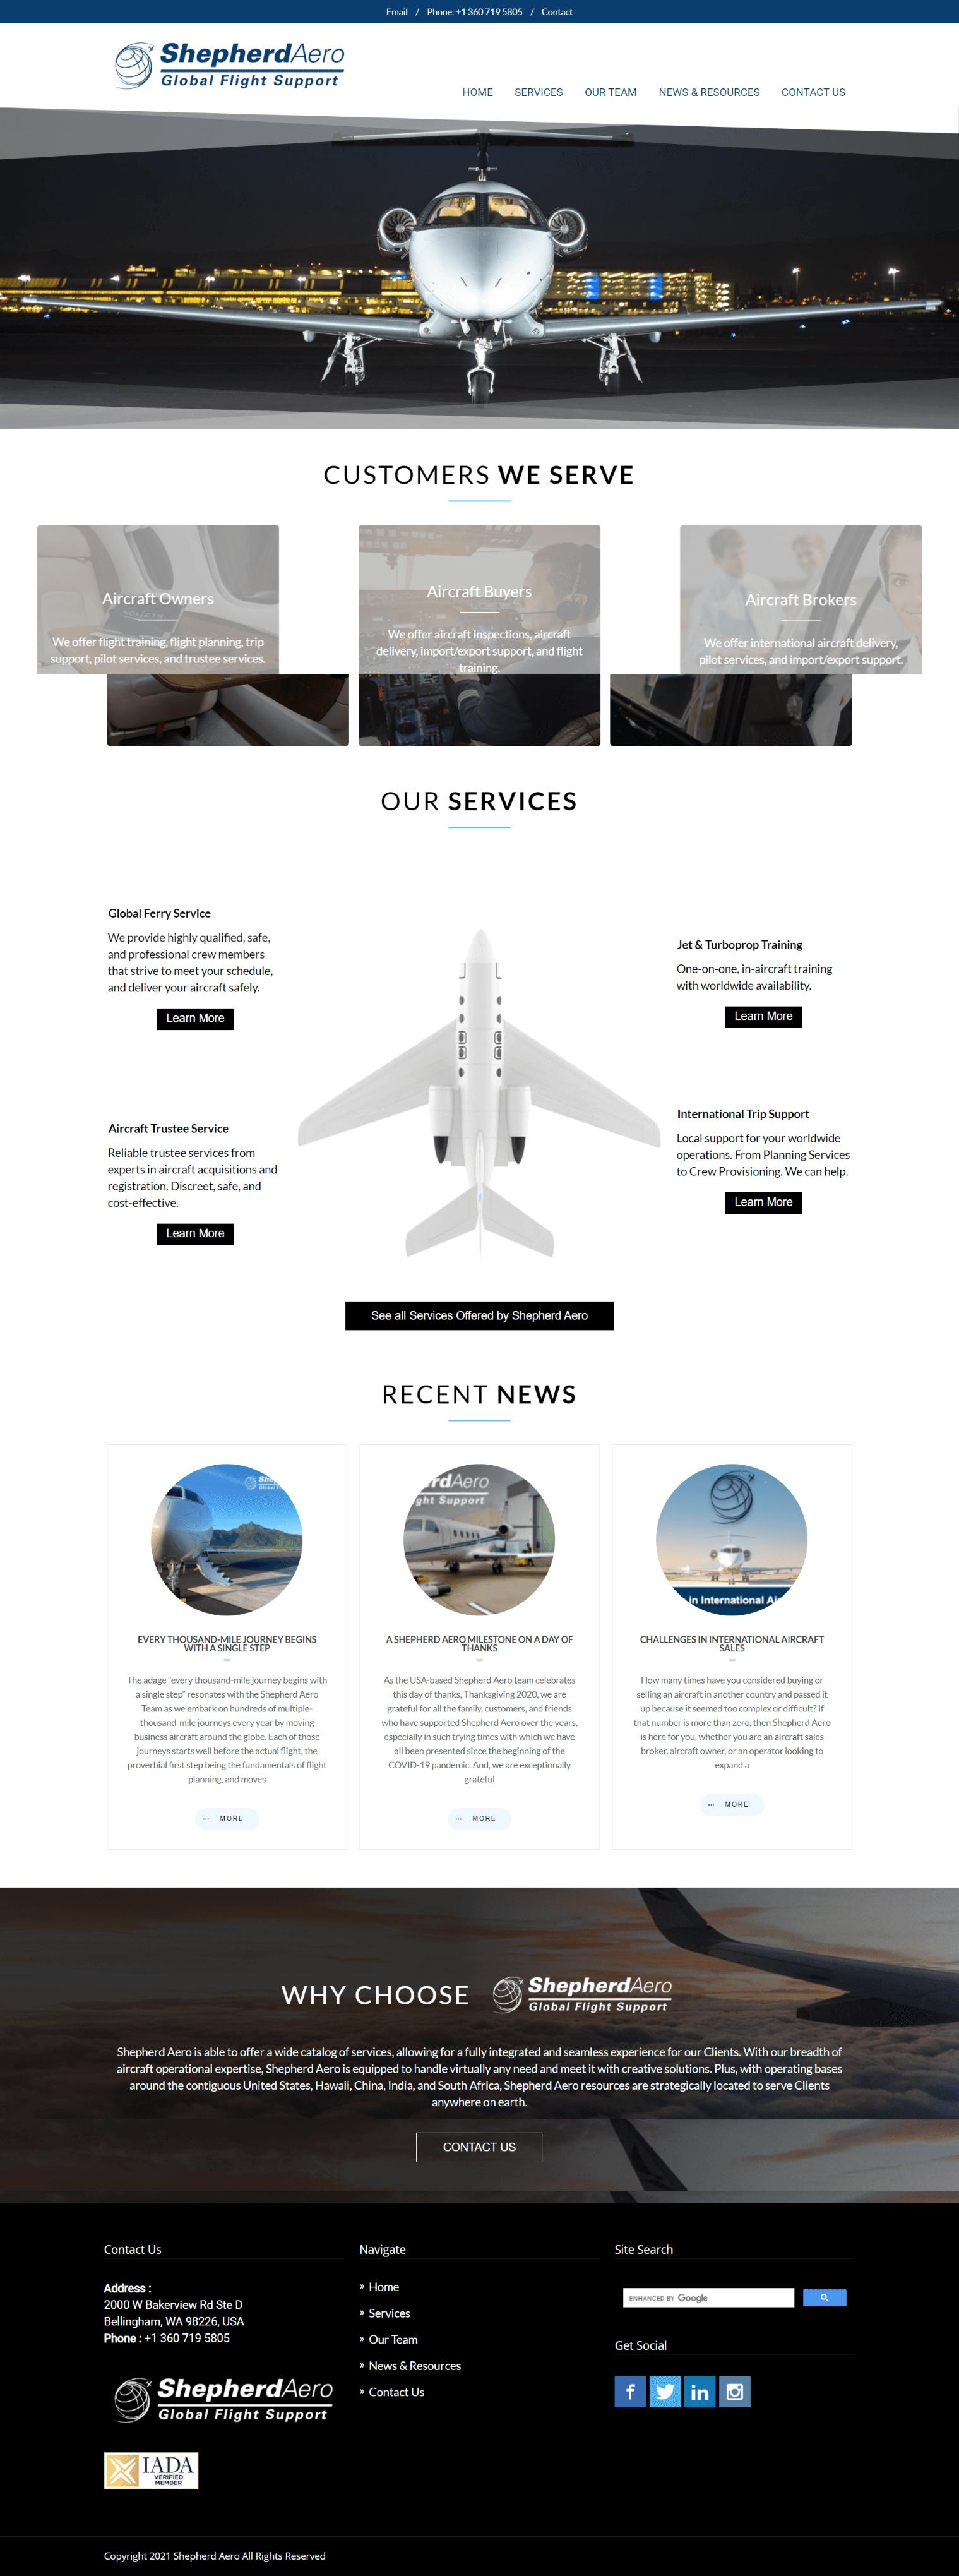 Shepherd Aero homepage screenshot